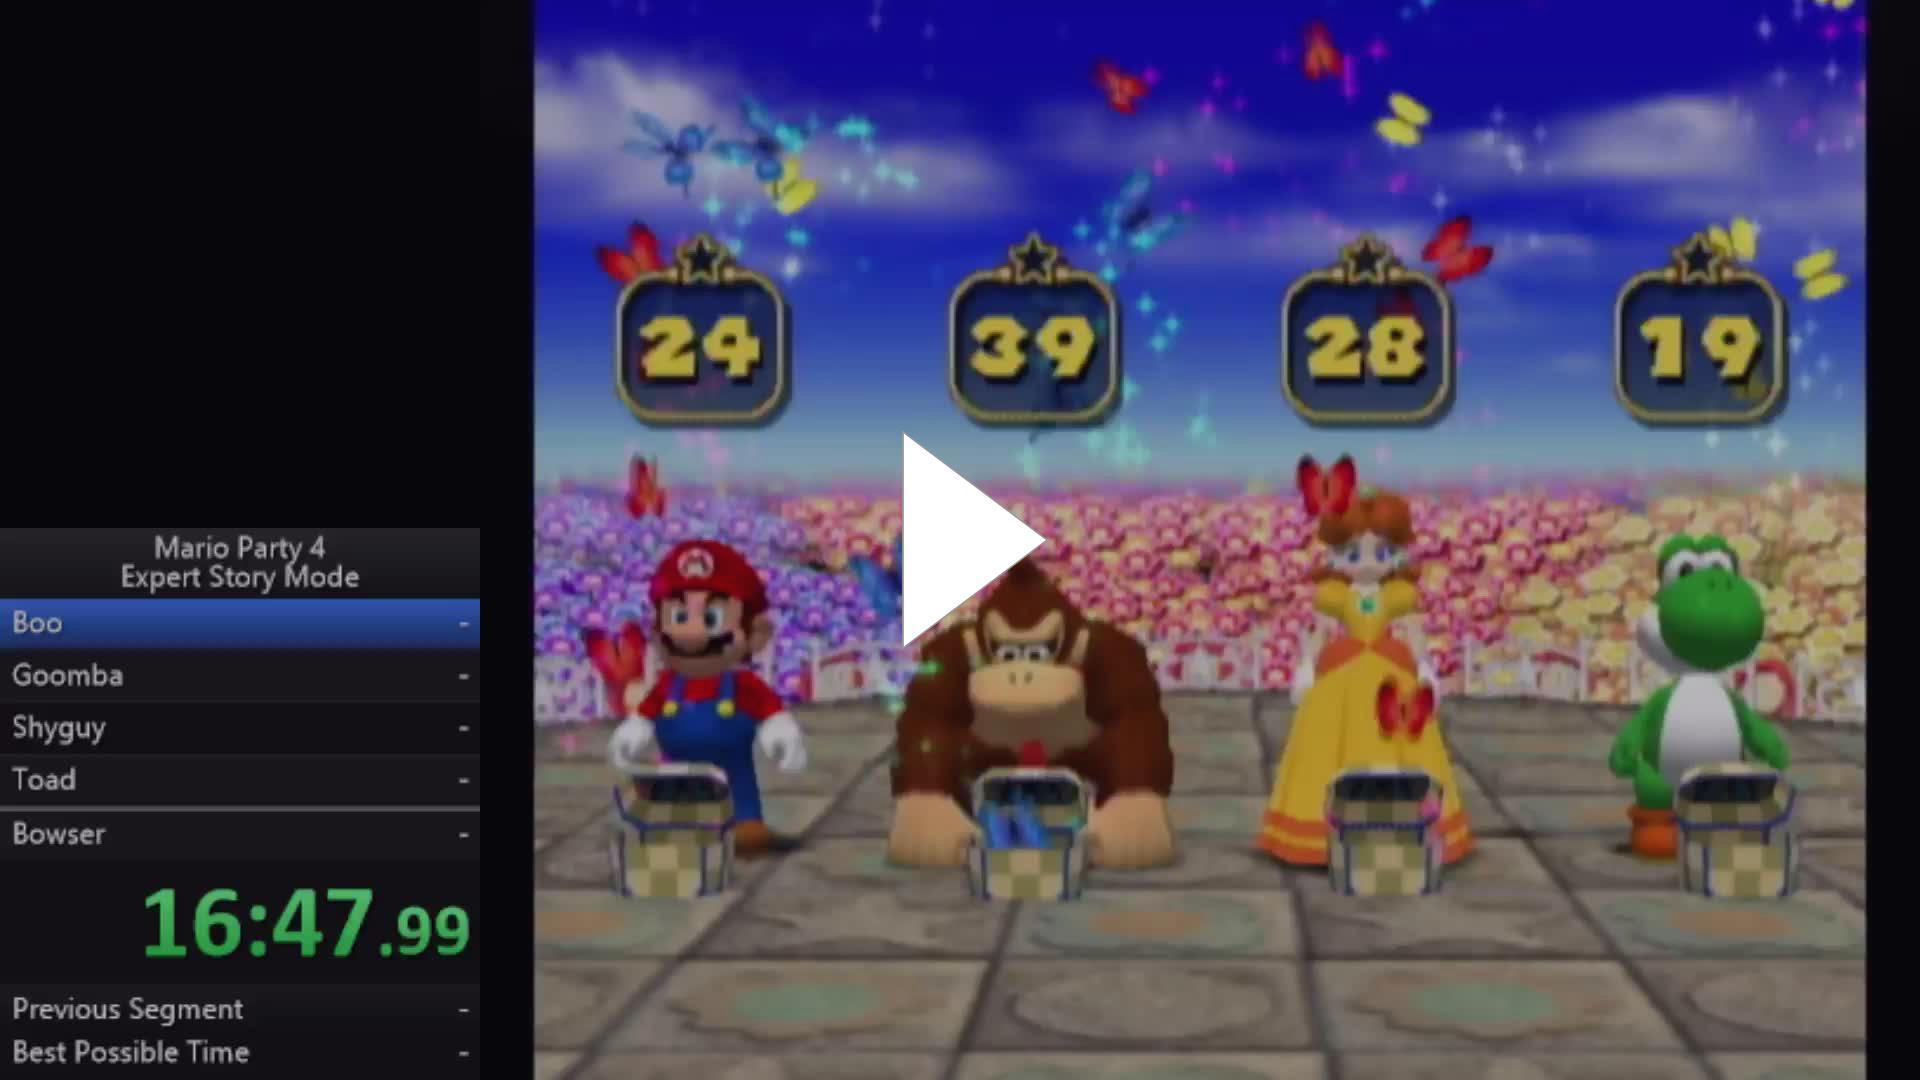 Silo Simon Mario Party 4 Expert Story Mode Speerun Twitch